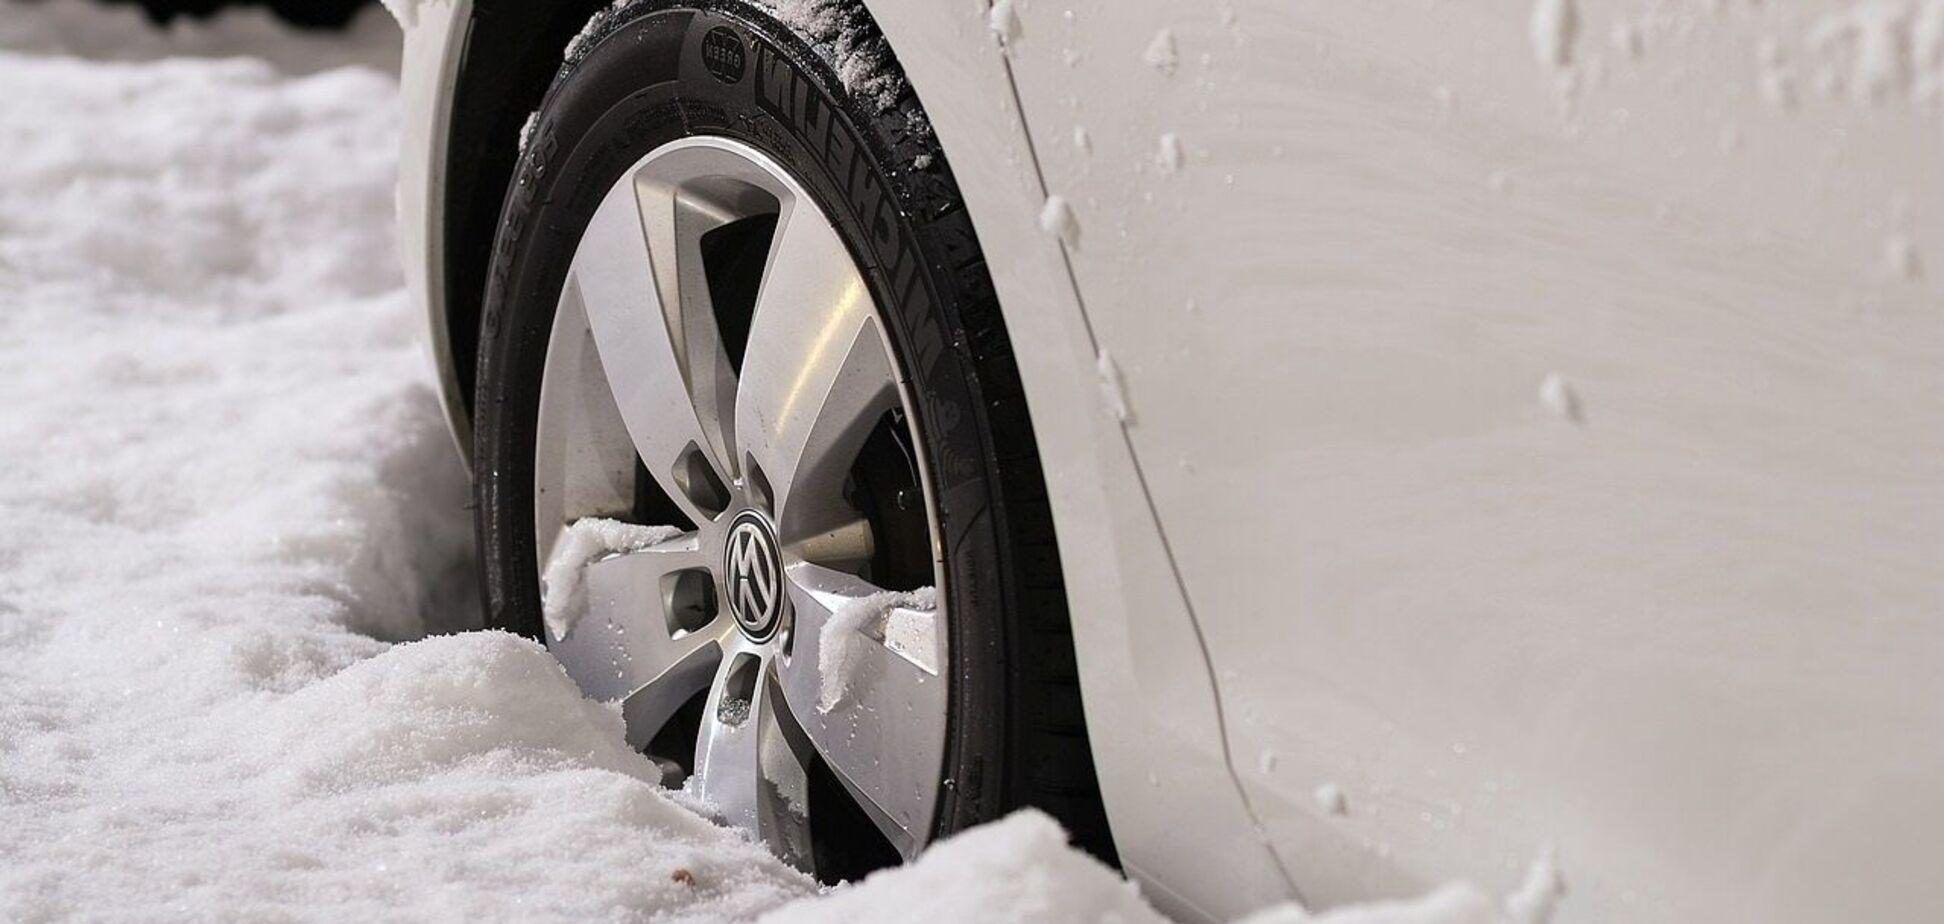 У мережі показали, як витягнути авто з бруду або снігу за допомогою підручних засобів